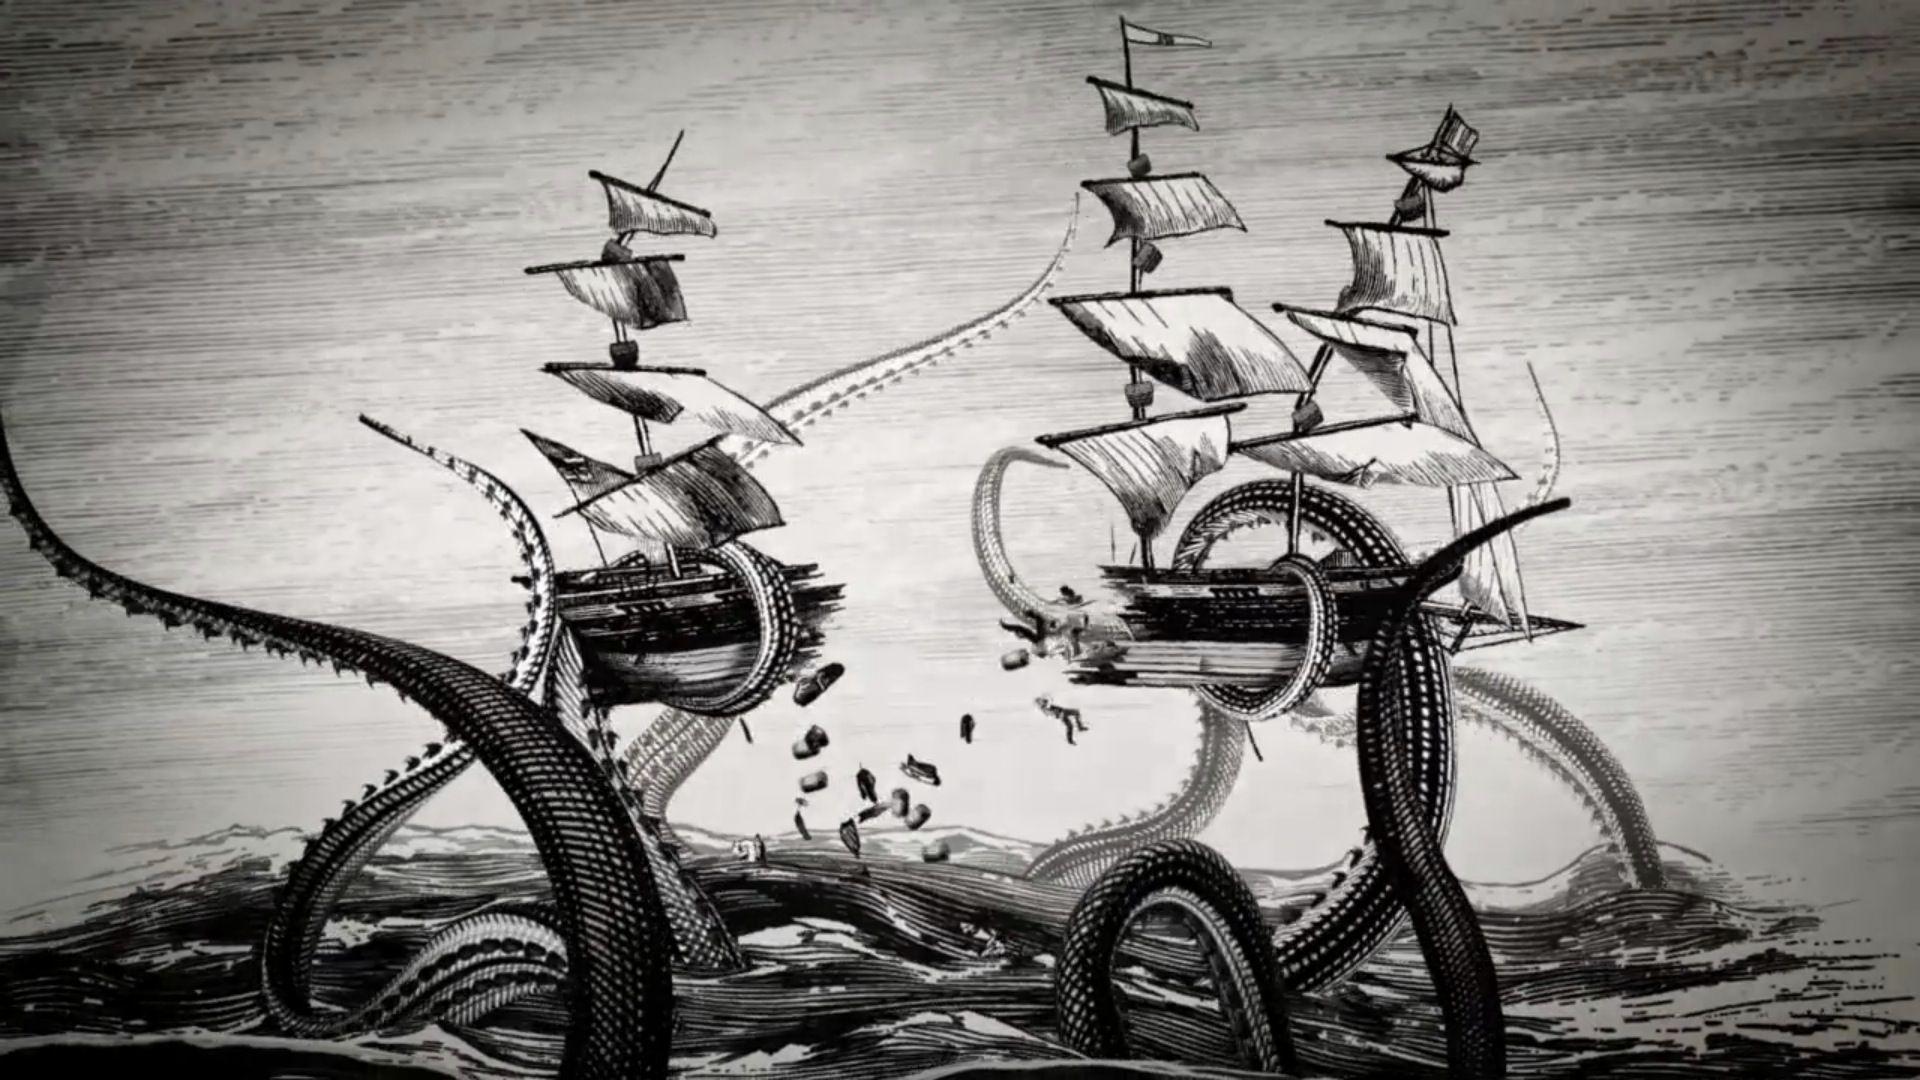 Kraken Wallpapers Wallpaper Cave Kraken Kraken Rum Pirate Art